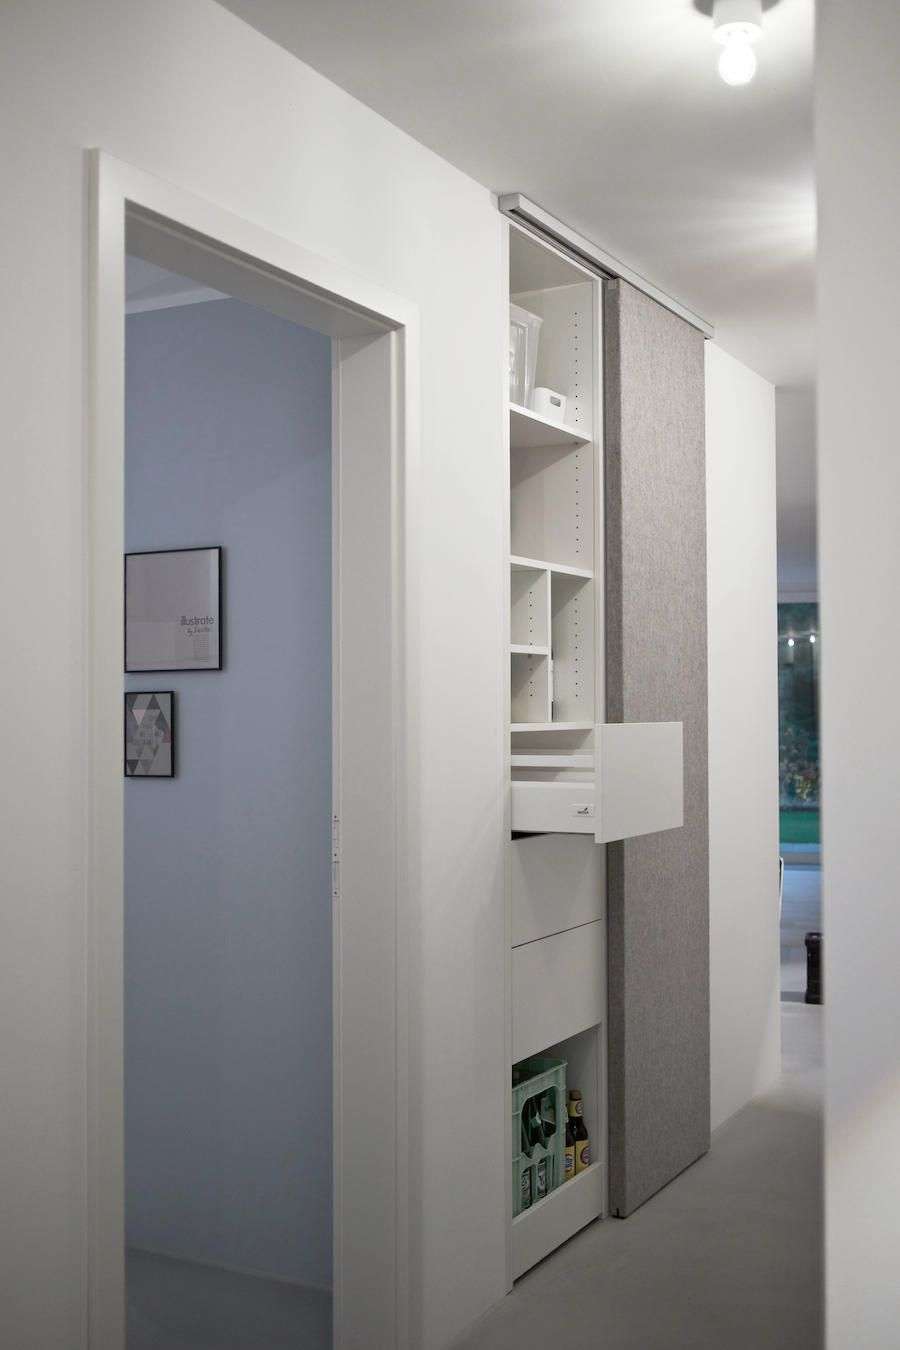 einbauschrank nach ma innenausbau binder einbauschrank pinterest. Black Bedroom Furniture Sets. Home Design Ideas